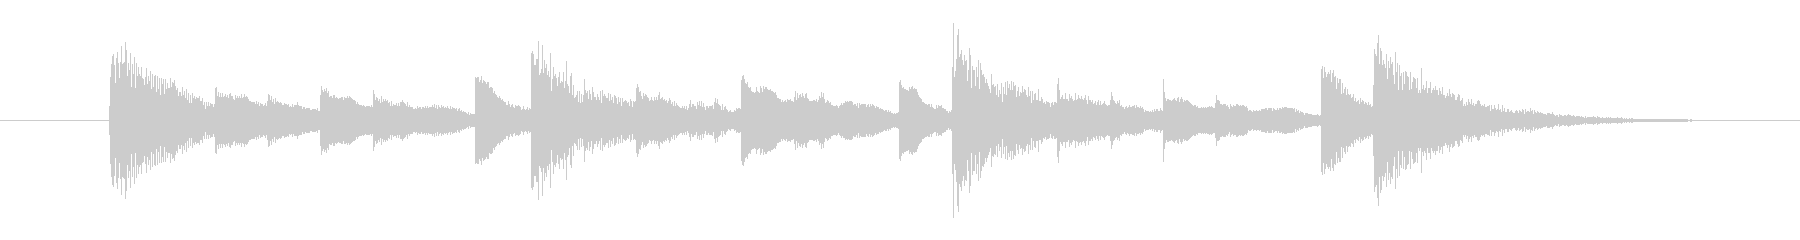 お知らせ音・合図の音の未再生の波形